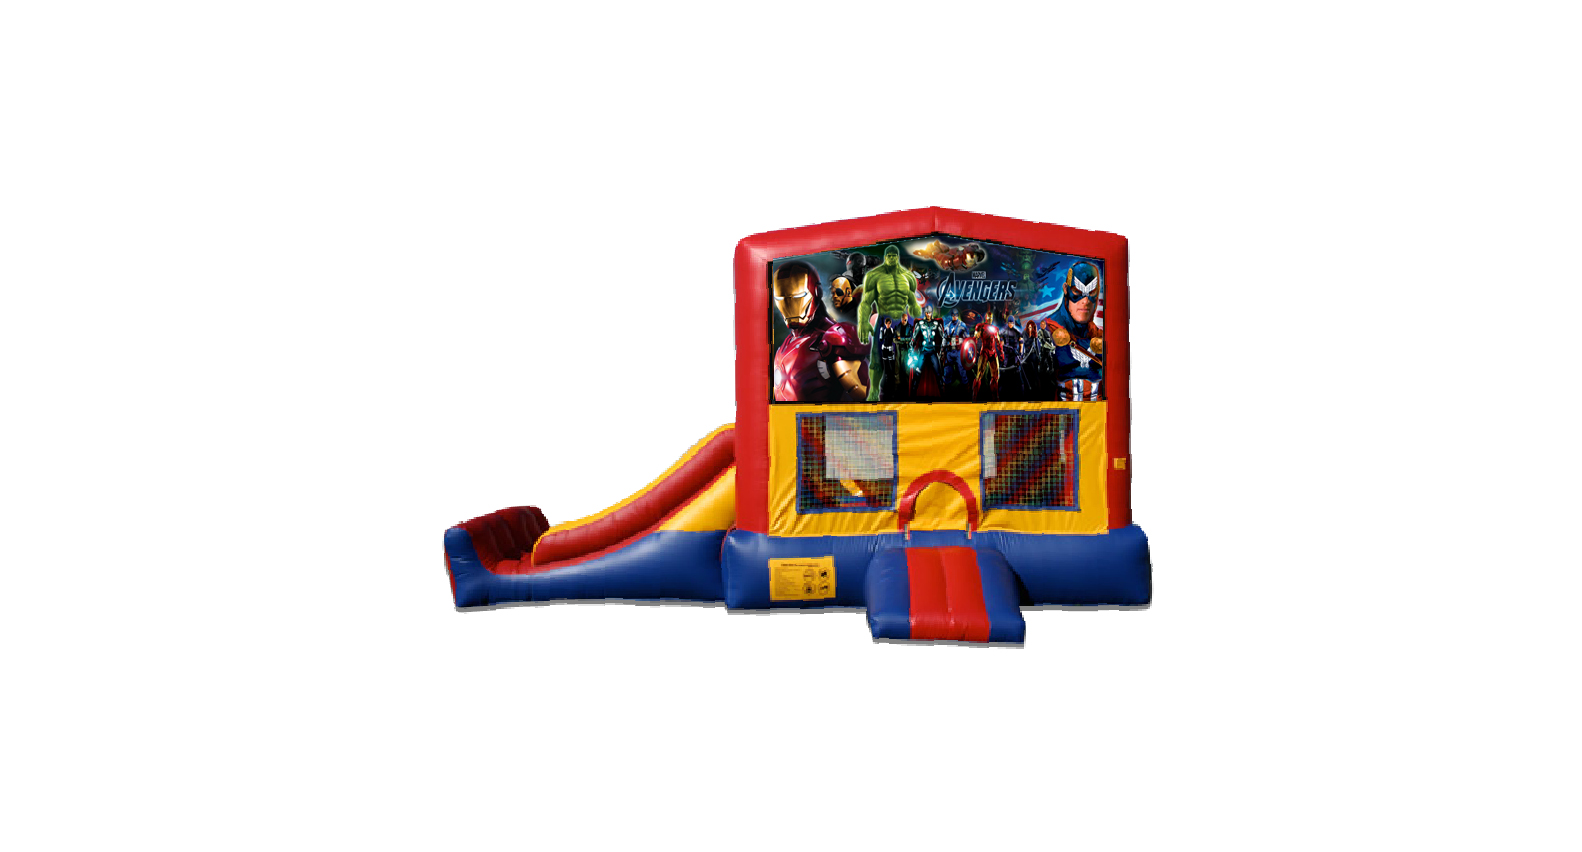 Avengers 3 in 1 Mini Slide